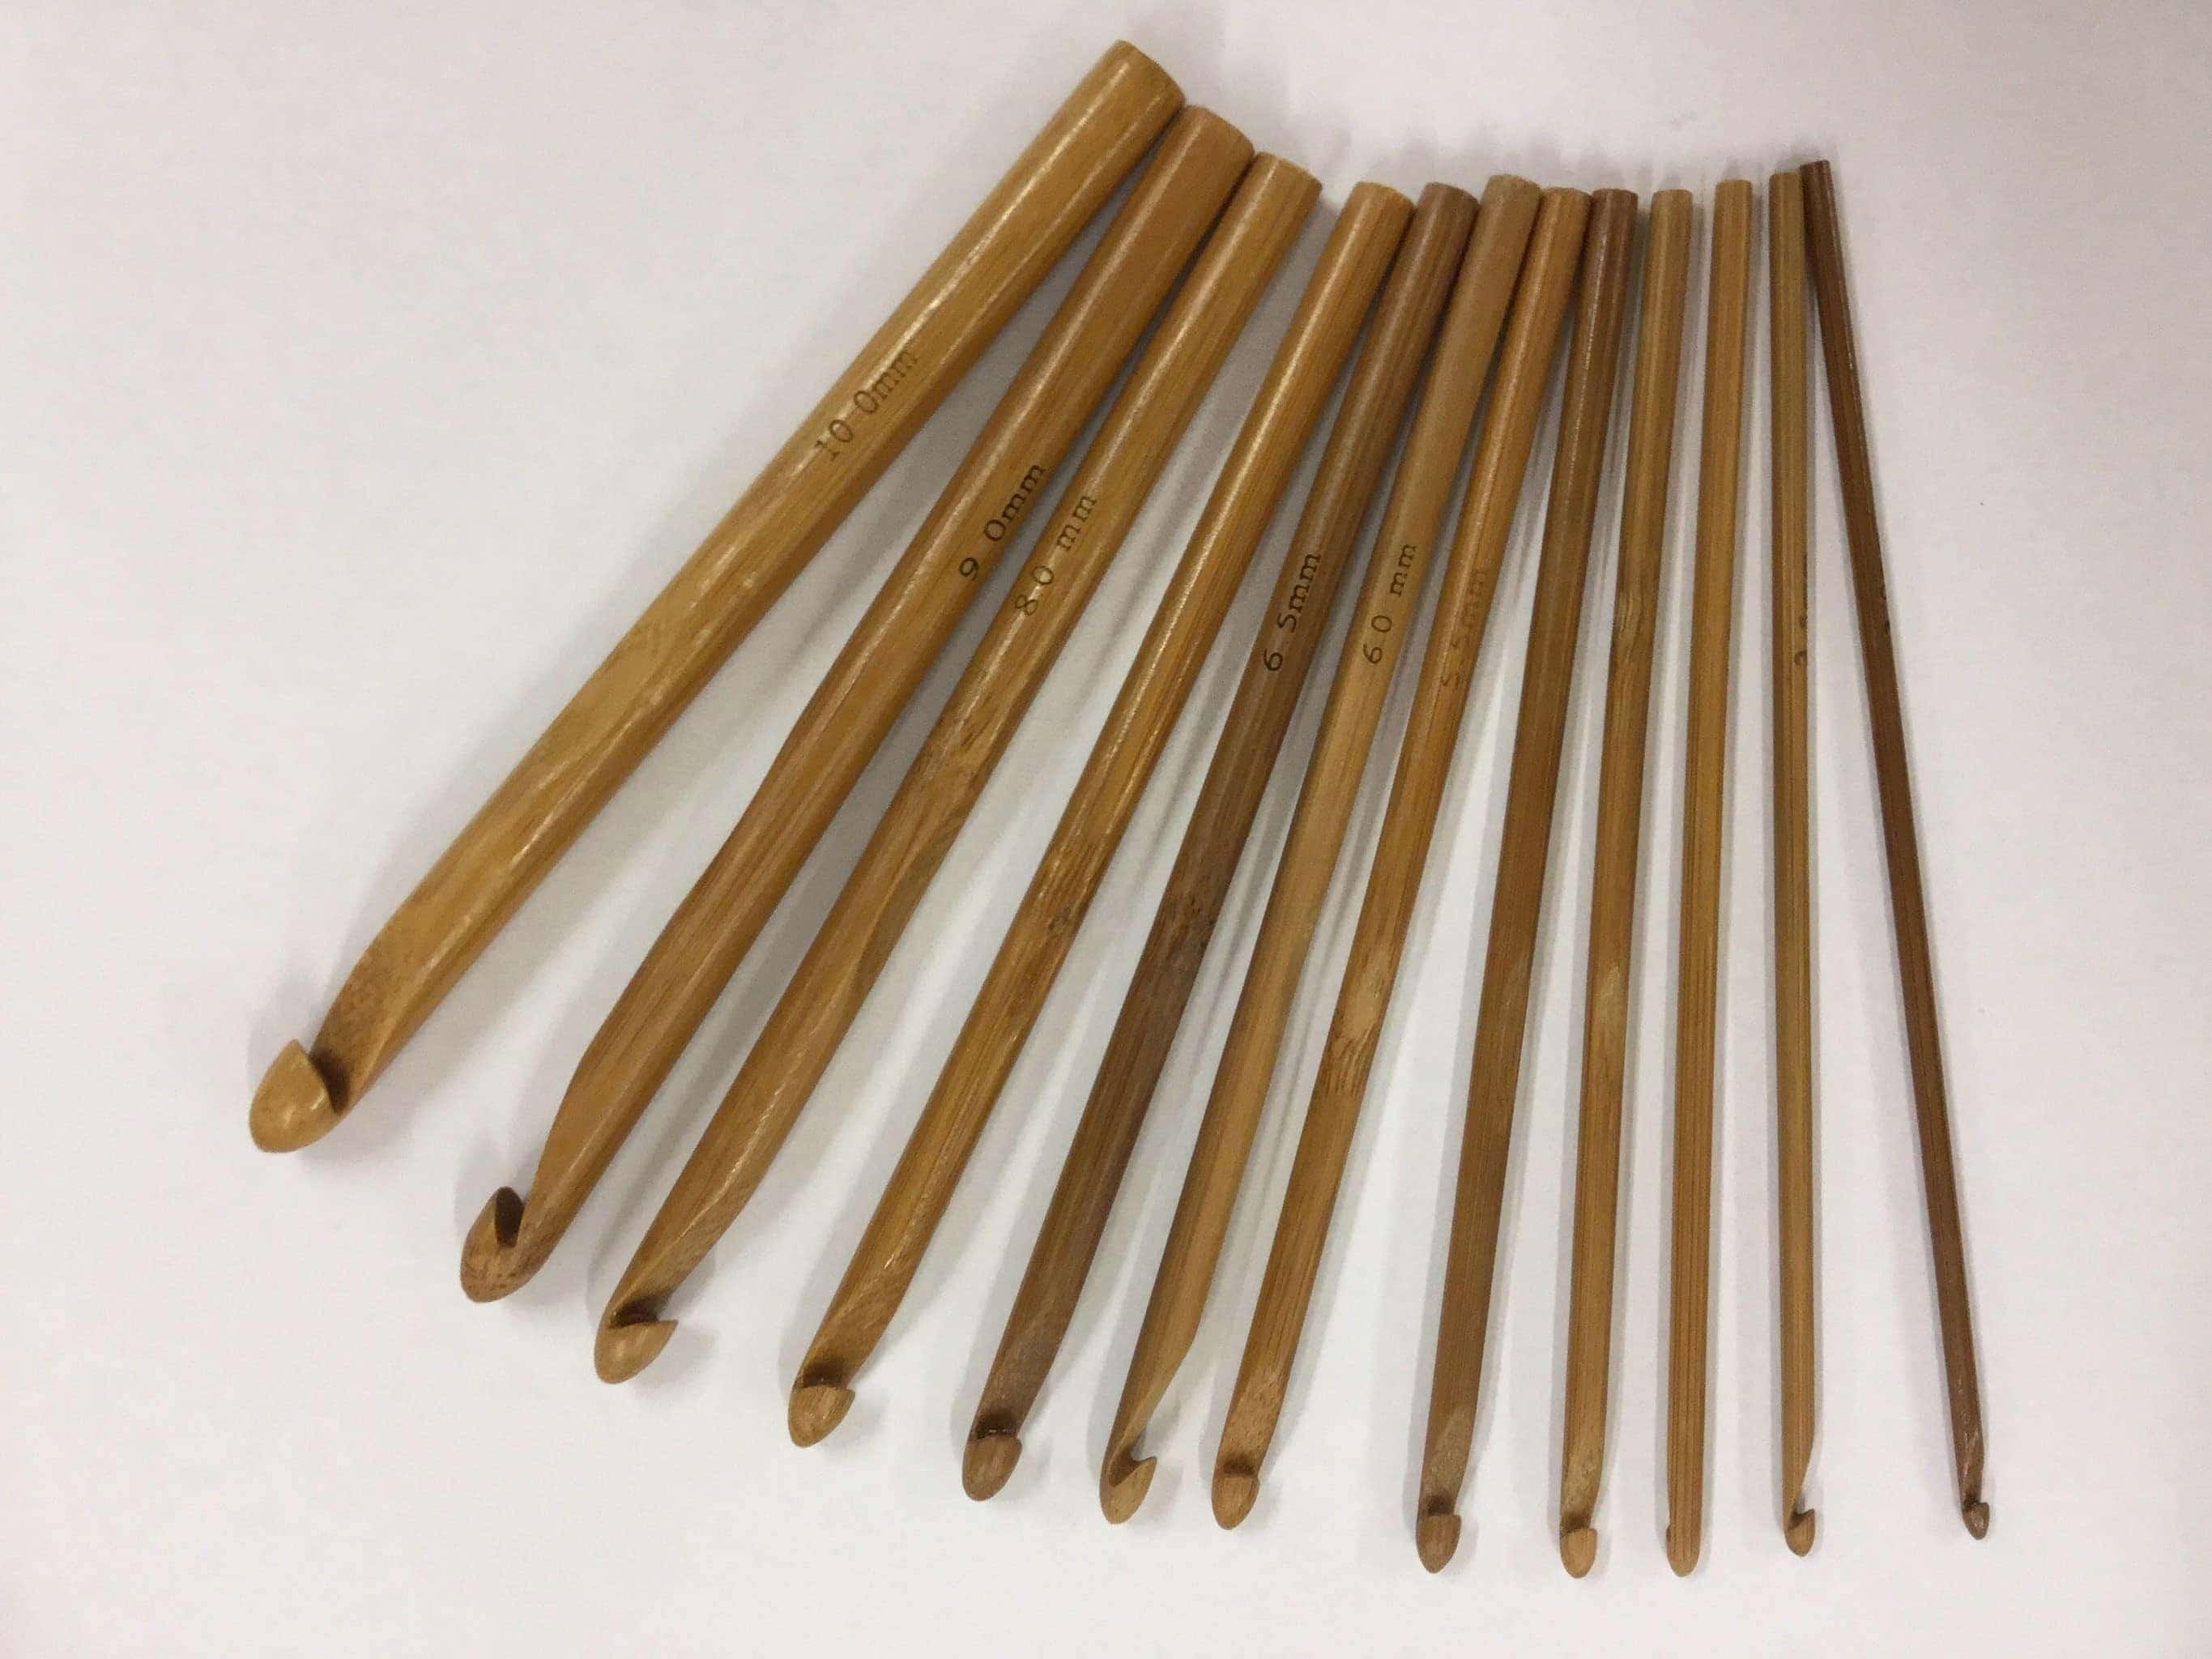 Haaknaald Met Licht : Bamboe haaknaalden set stuks u van bamboe